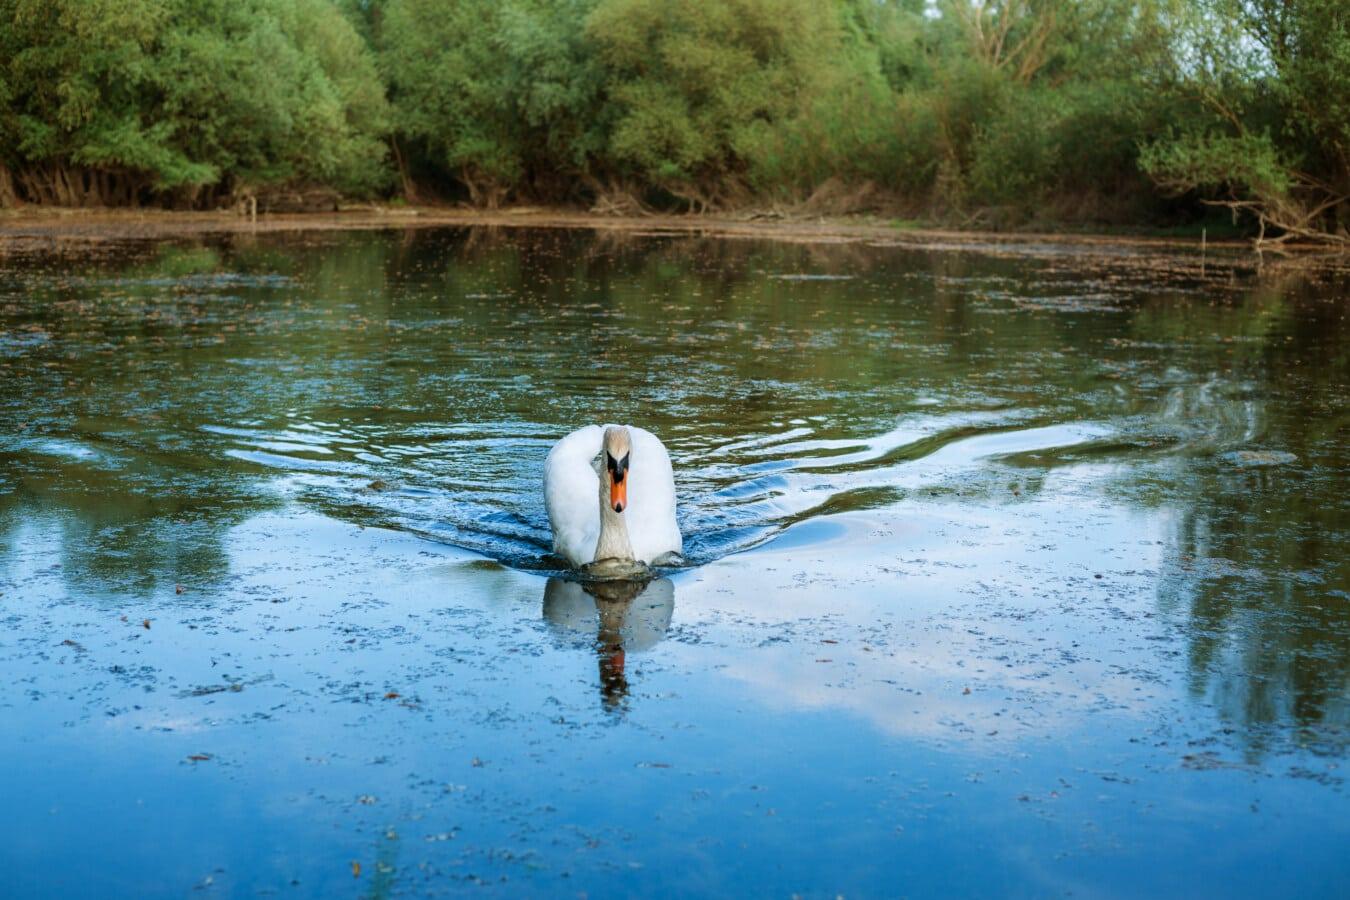 чистота, величавый, птица, лебедь, благодать, плавание, болото., отражение, река, бассейн